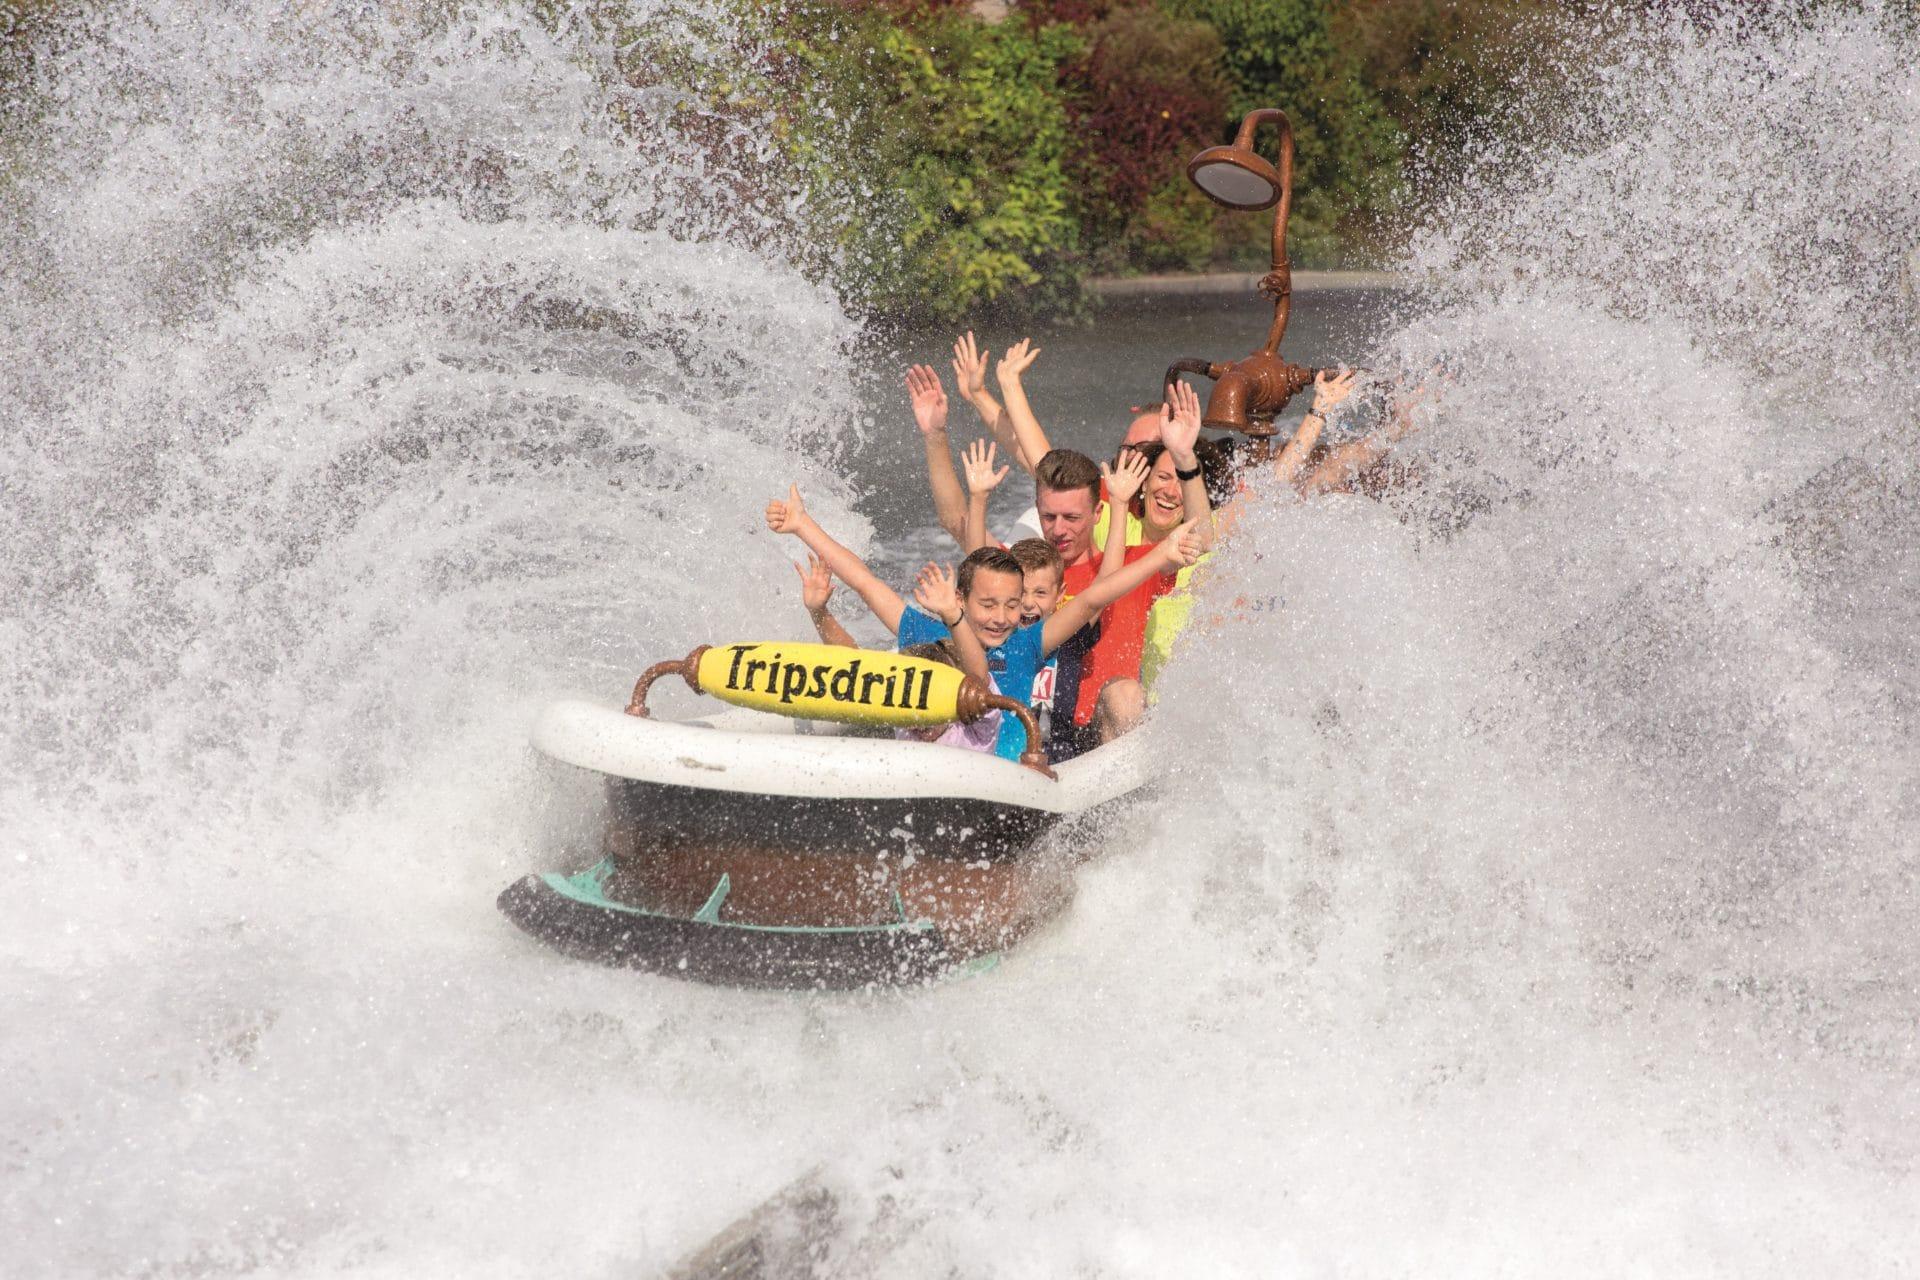 wilde Wasserbahnfahrt im Freizeitpark Tripsdrill